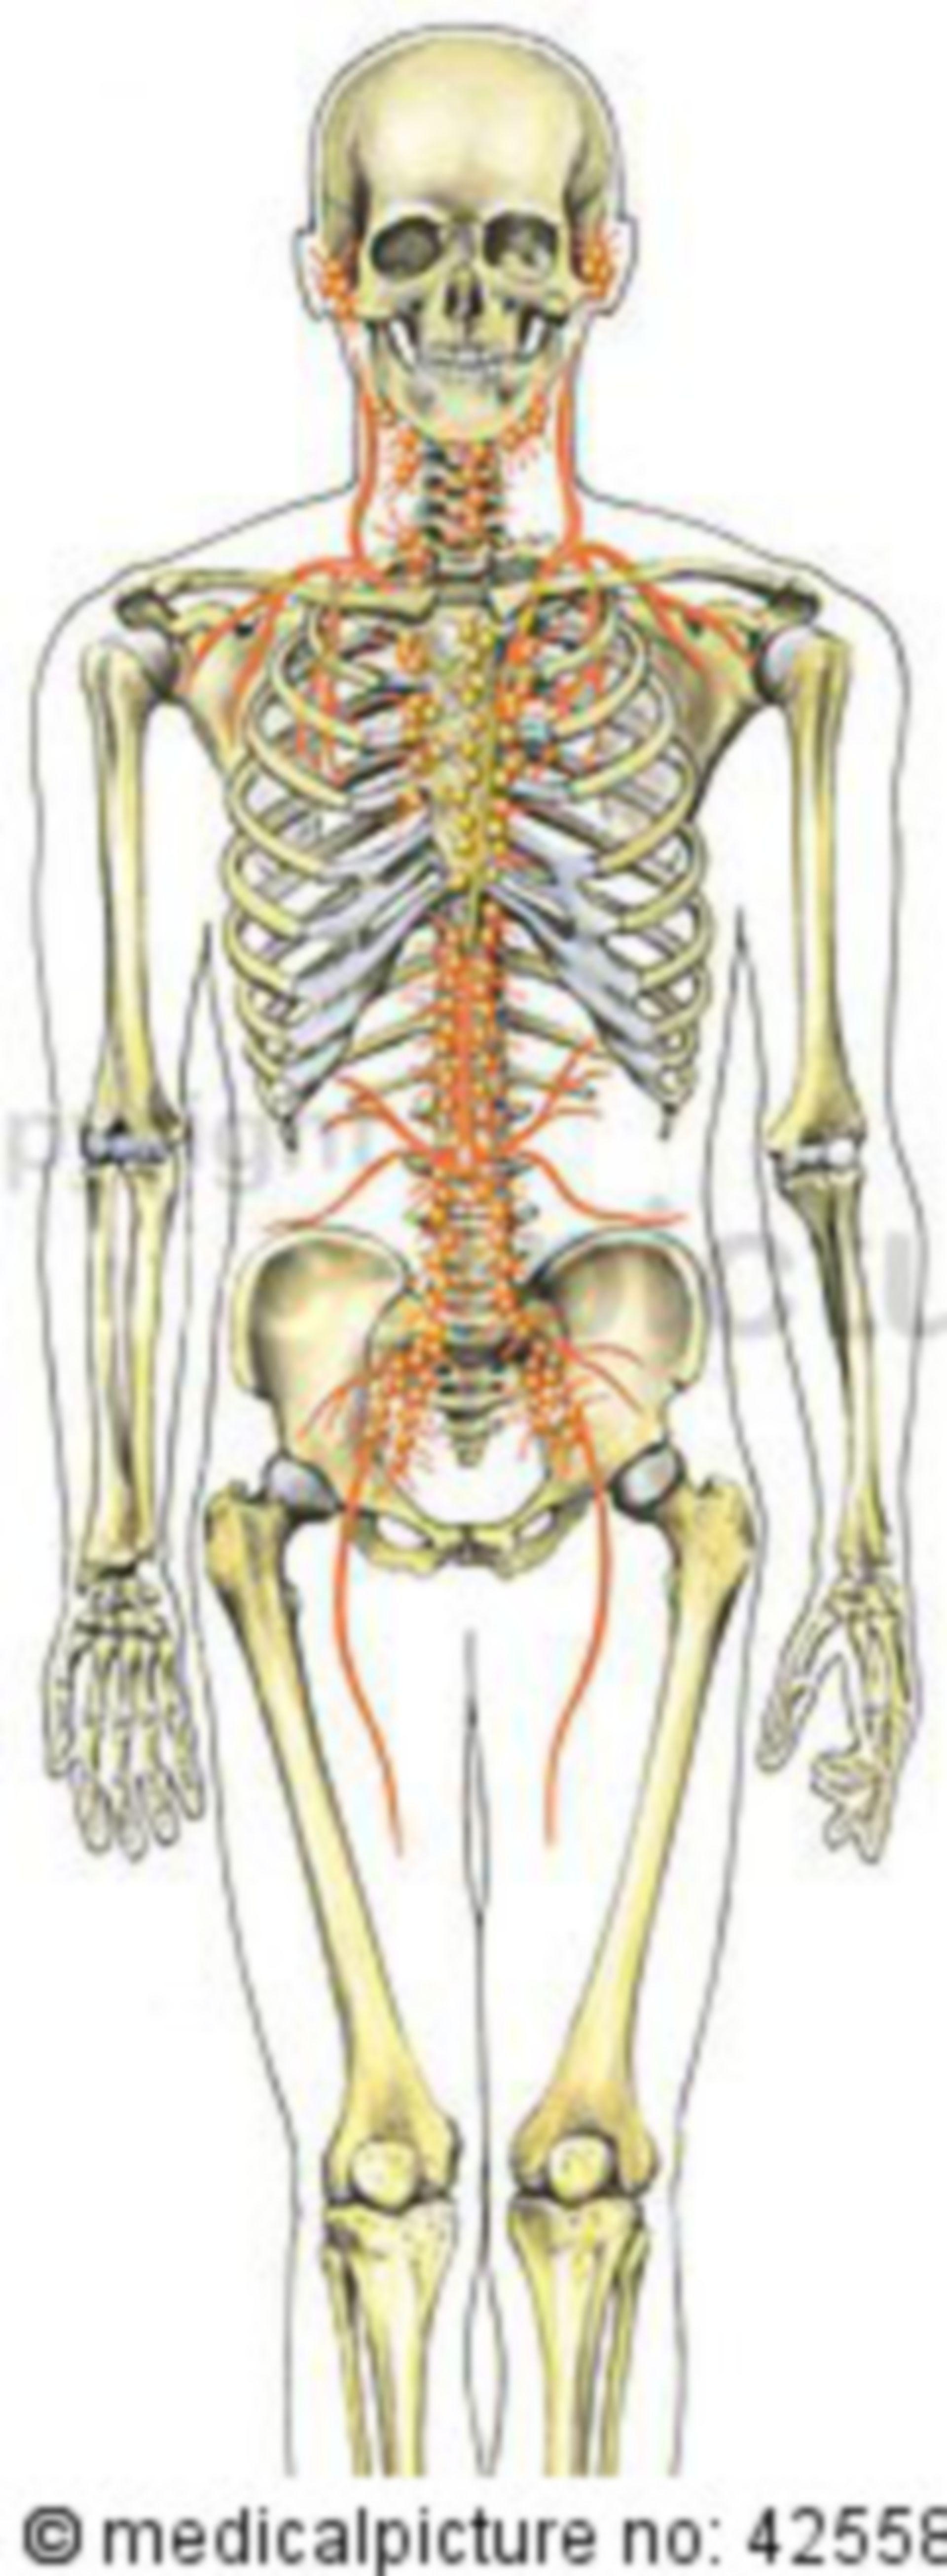 Vasi linfatici del corpo